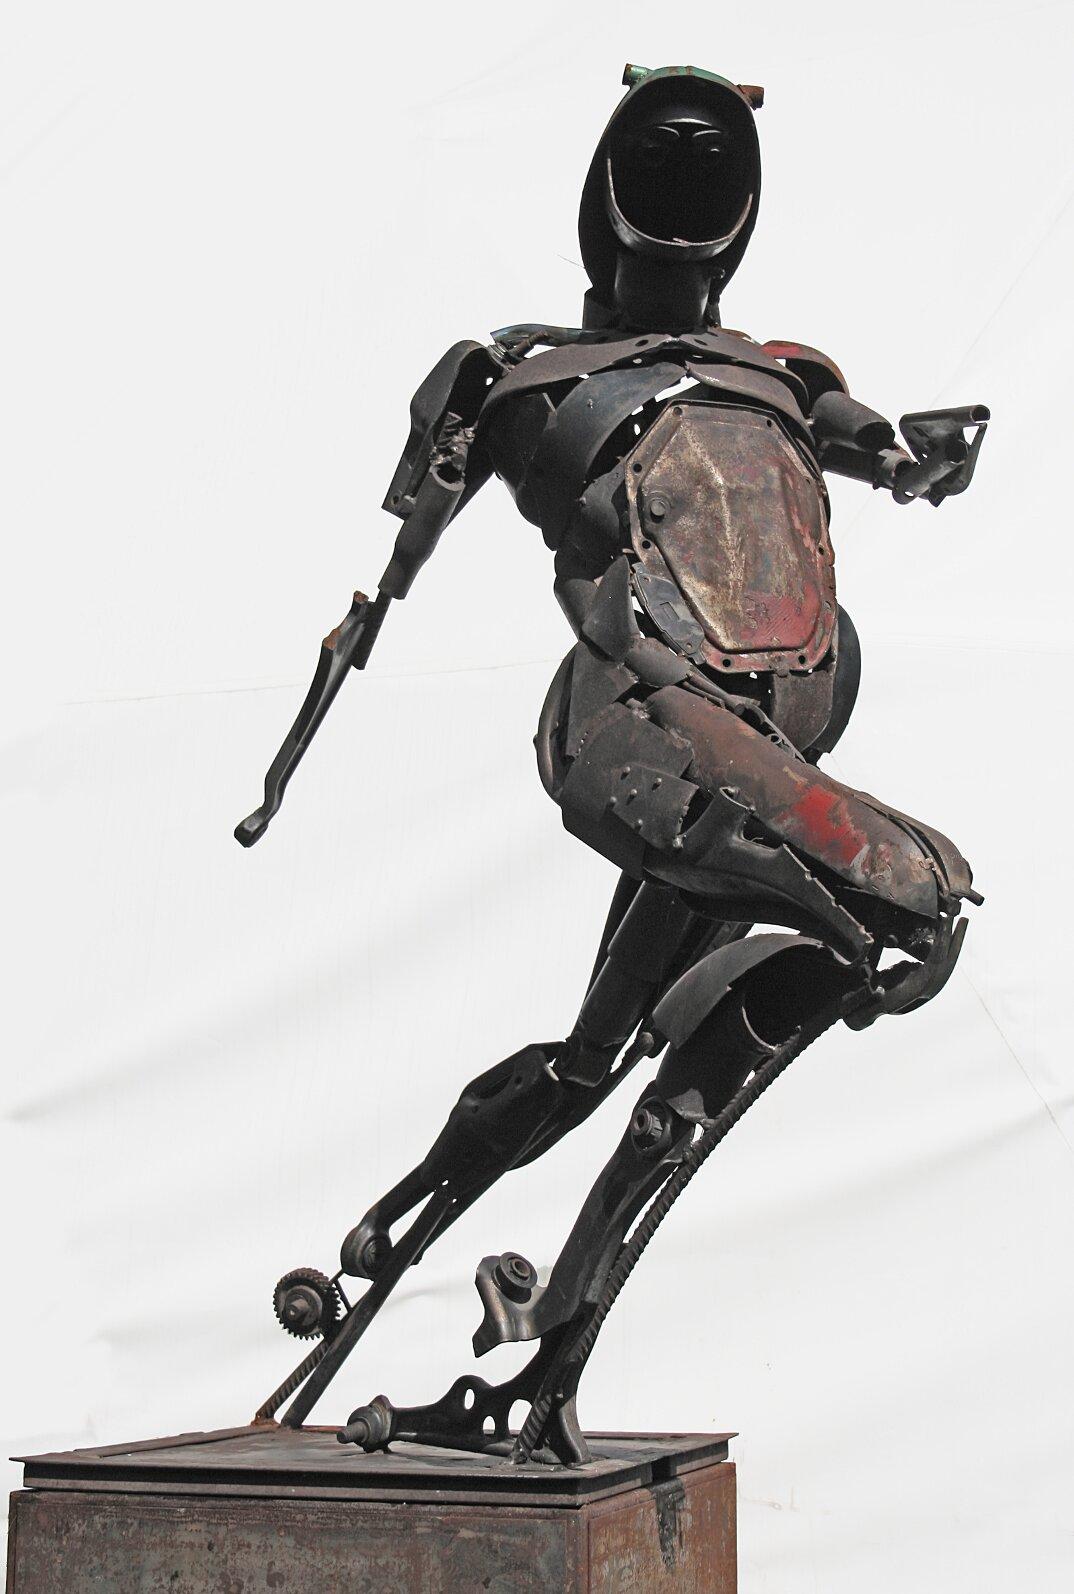 sculture-metallo-riciclato-patrick-alo-09